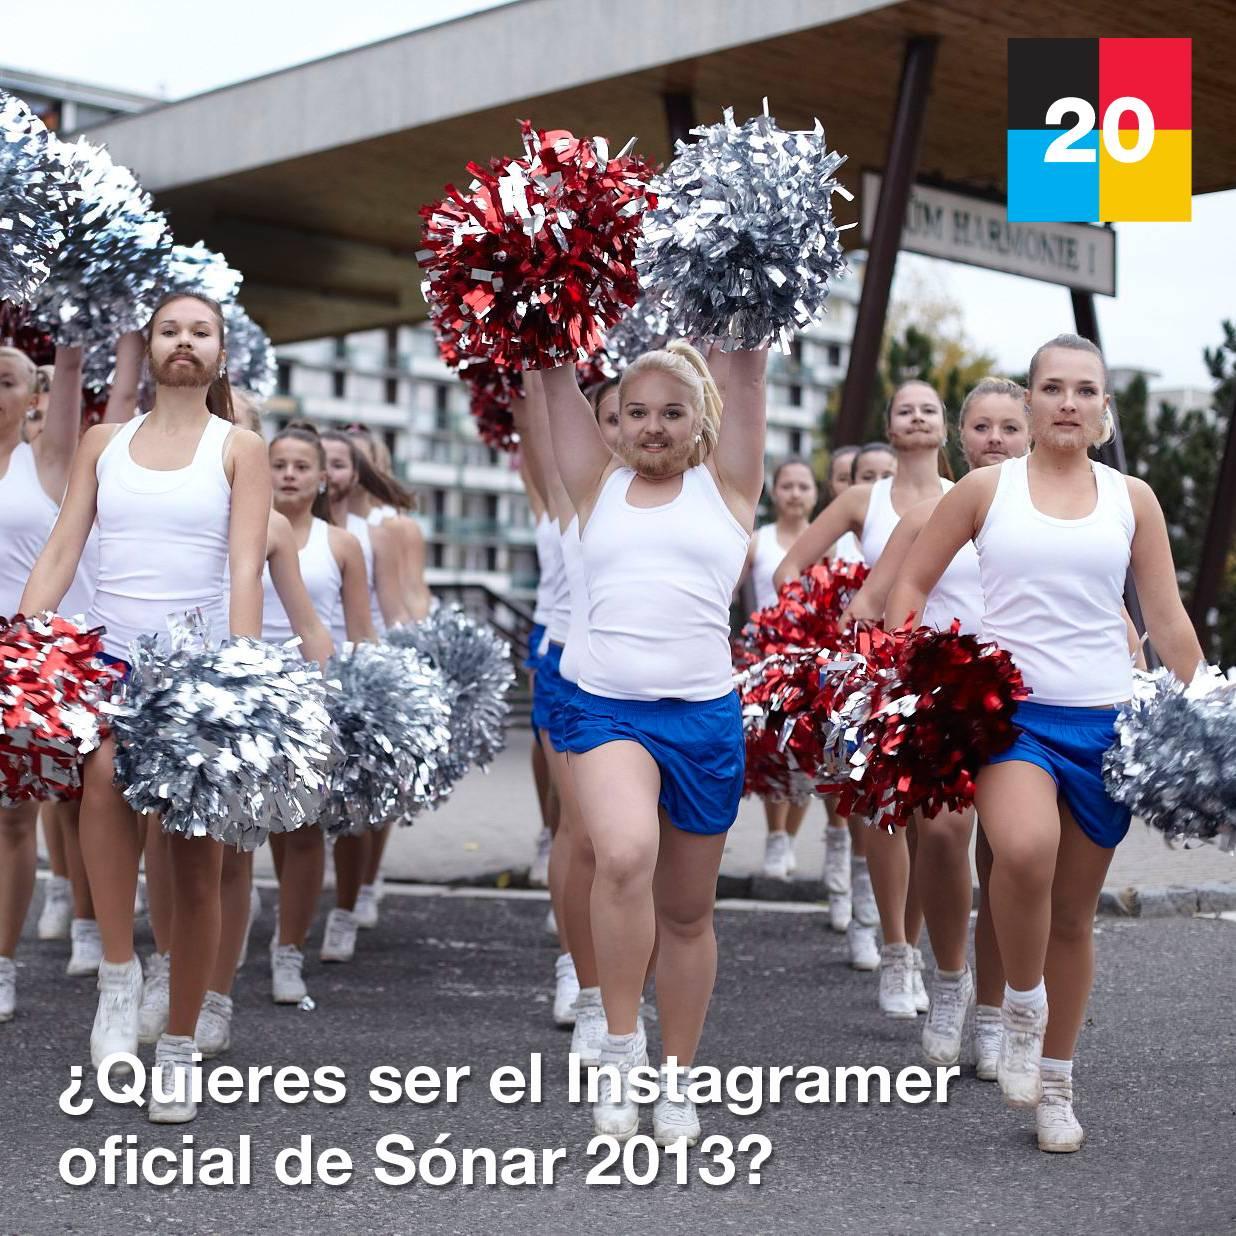 ¿Quieres ser el Instagramer oficial de Sónar 2013?